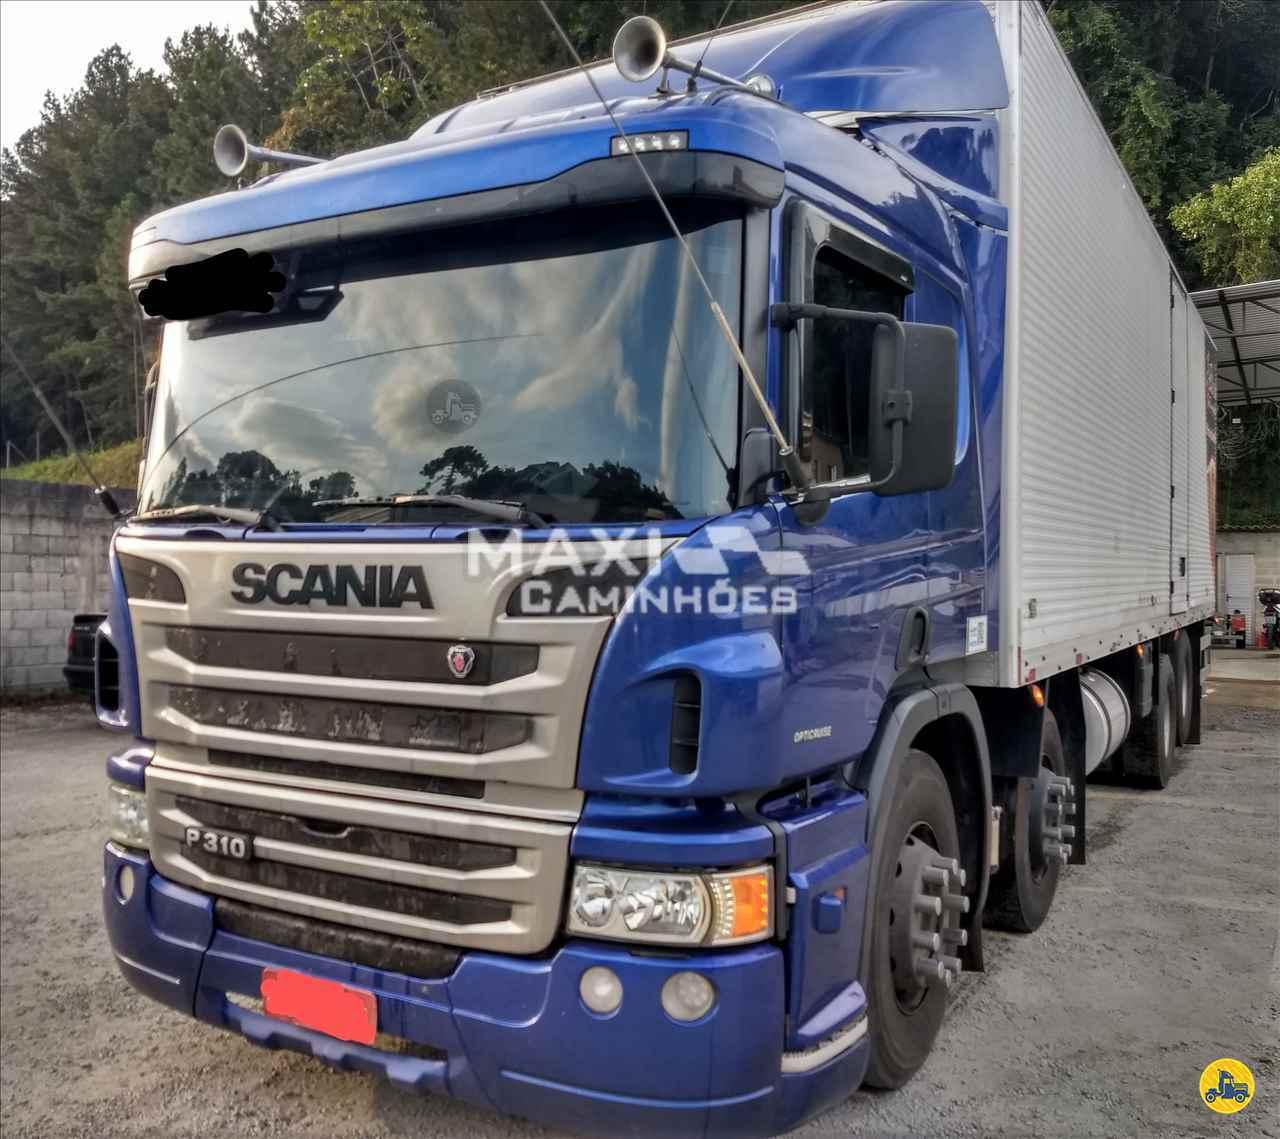 CAMINHAO SCANIA SCANIA P310 Baú Furgão BiTruck 8x2 Maxi Caminhões TERESOPOLIS RIO DE JANEIRO RJ